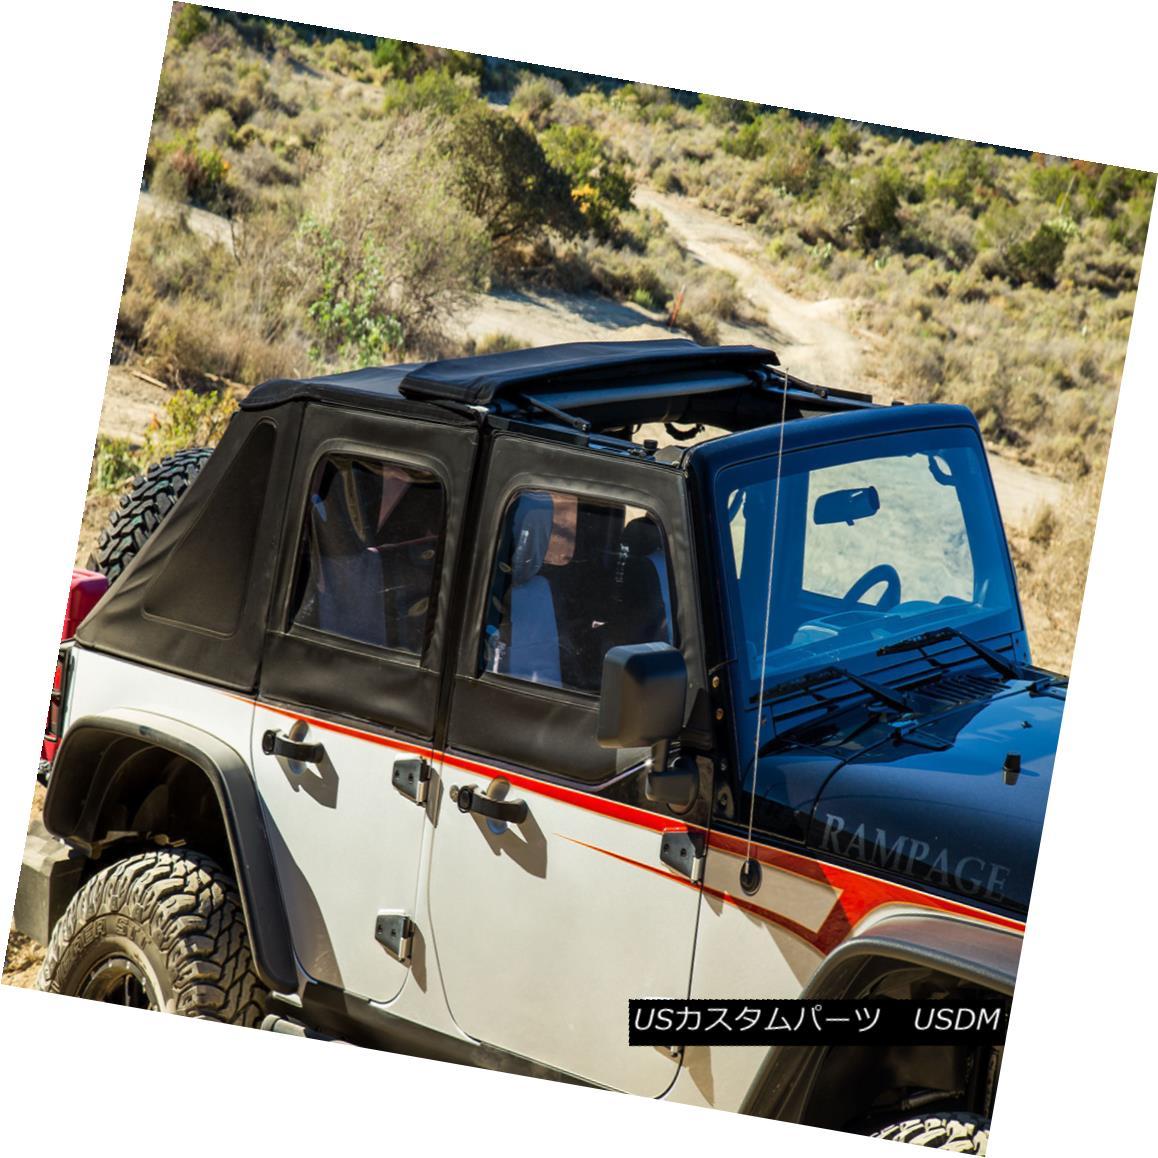 幌・ソフトトップ Rampage TrailView Framless Soft Top 07-16 Wrangler JK Unlimited 4-door, 139835 暴走TrailViewフレームレスソフトトップ07-16ラングラーJK無制限4ドア、139835